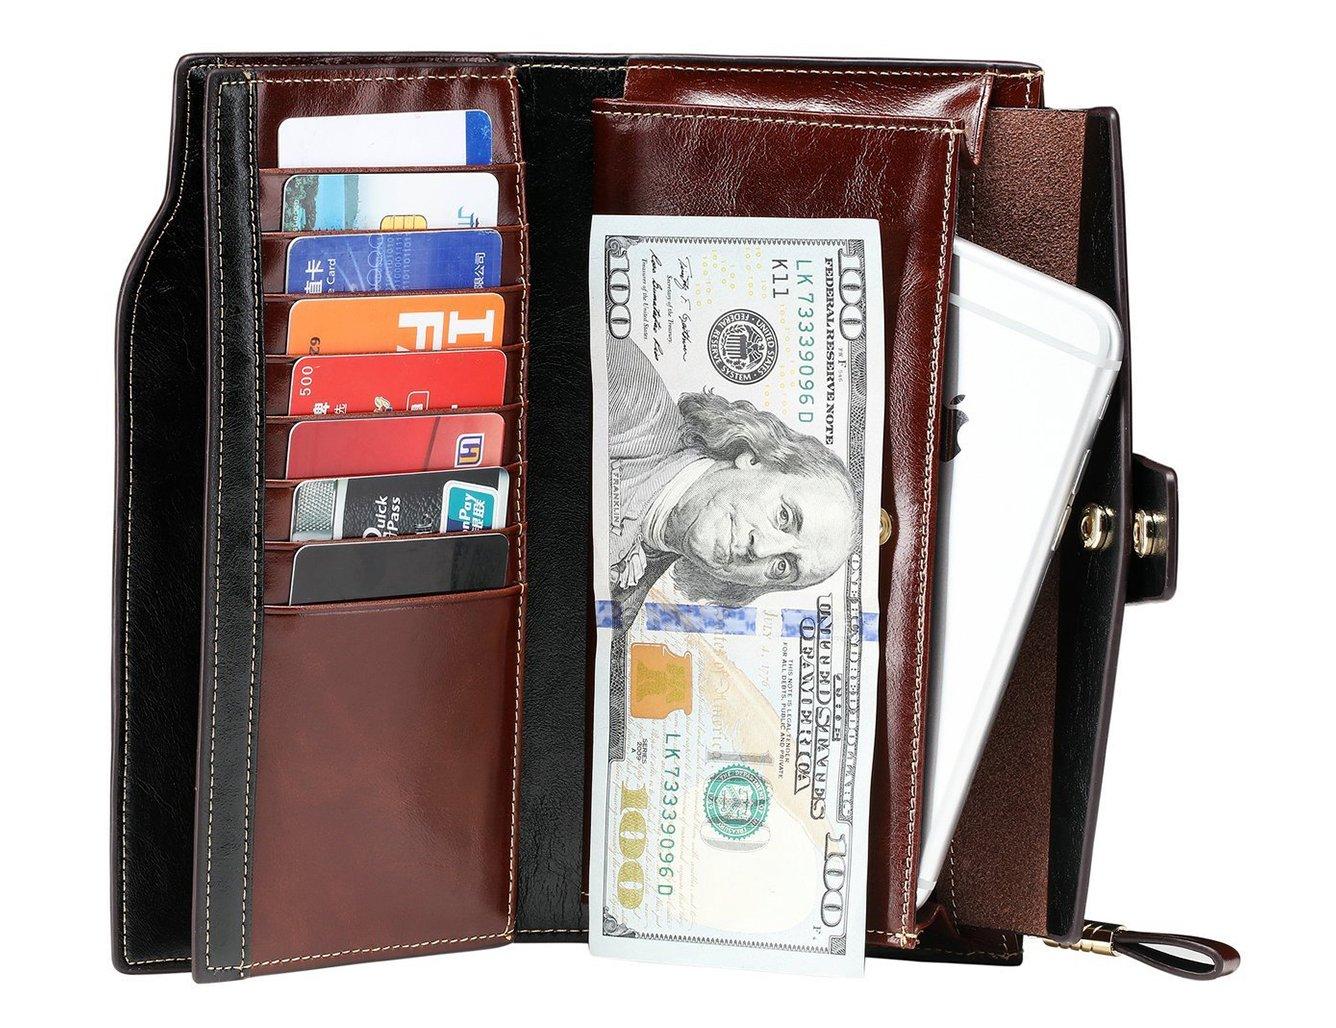 e8b384ed3f6b3 PARVENZA Damen Geldbörse RFID Schutz Portemonnaie Wachs Echtes Leder  Geldtasche Kaffee PVZ0702C  Amazon.de  Koffer